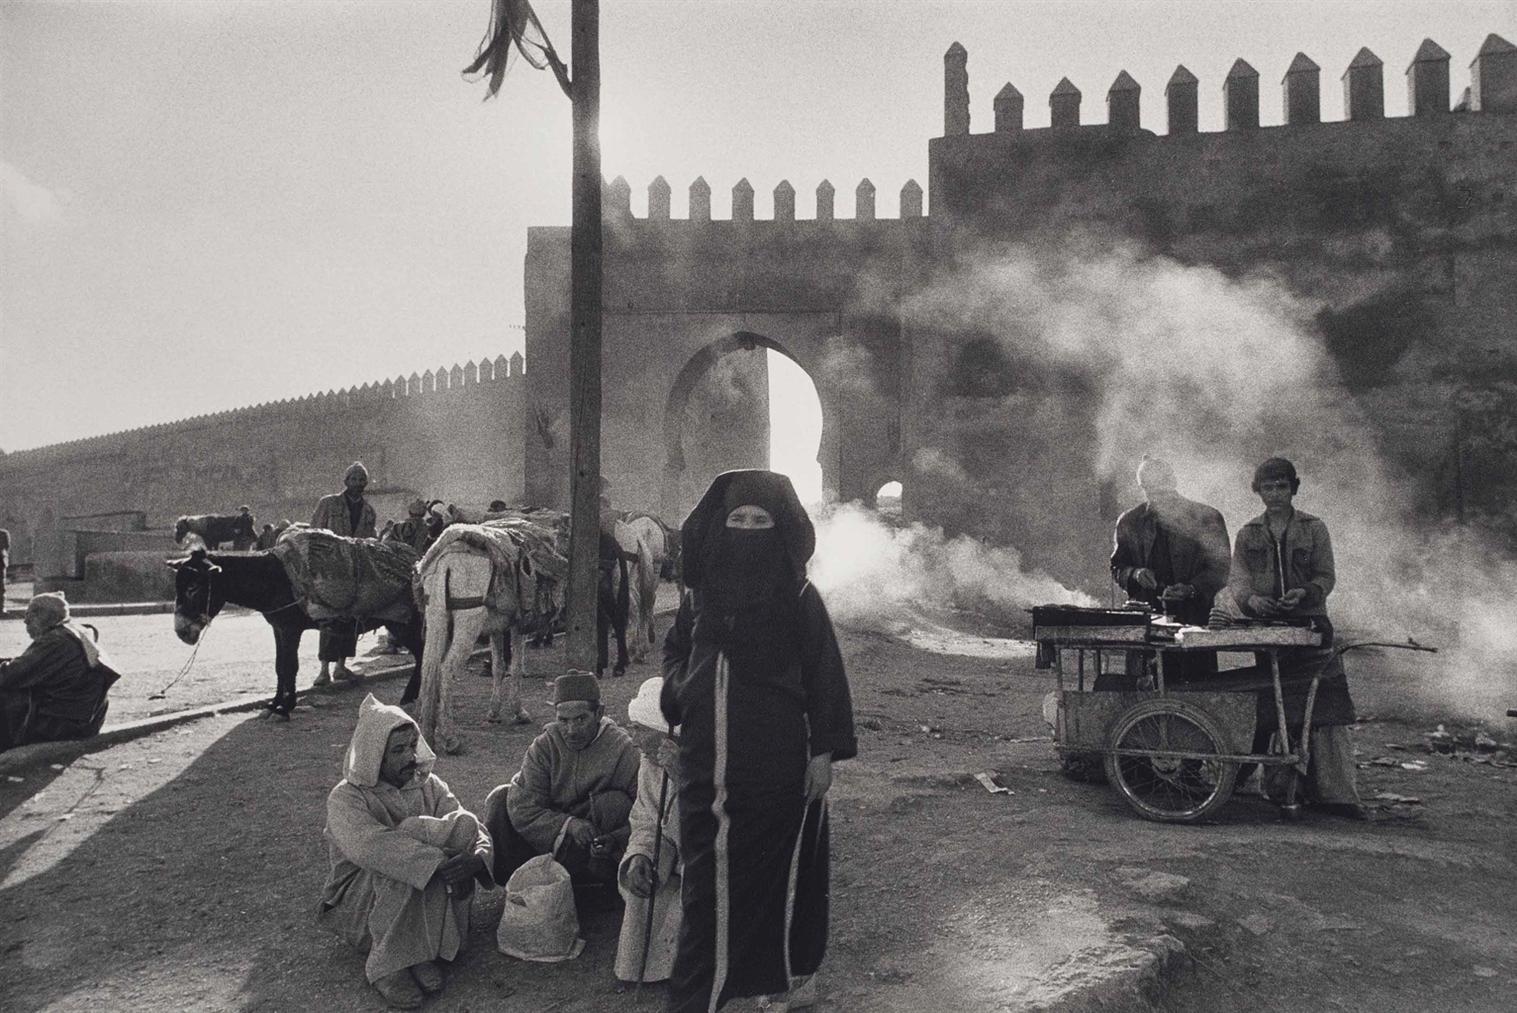 Marc Riboud-Fez, Maroc-1970